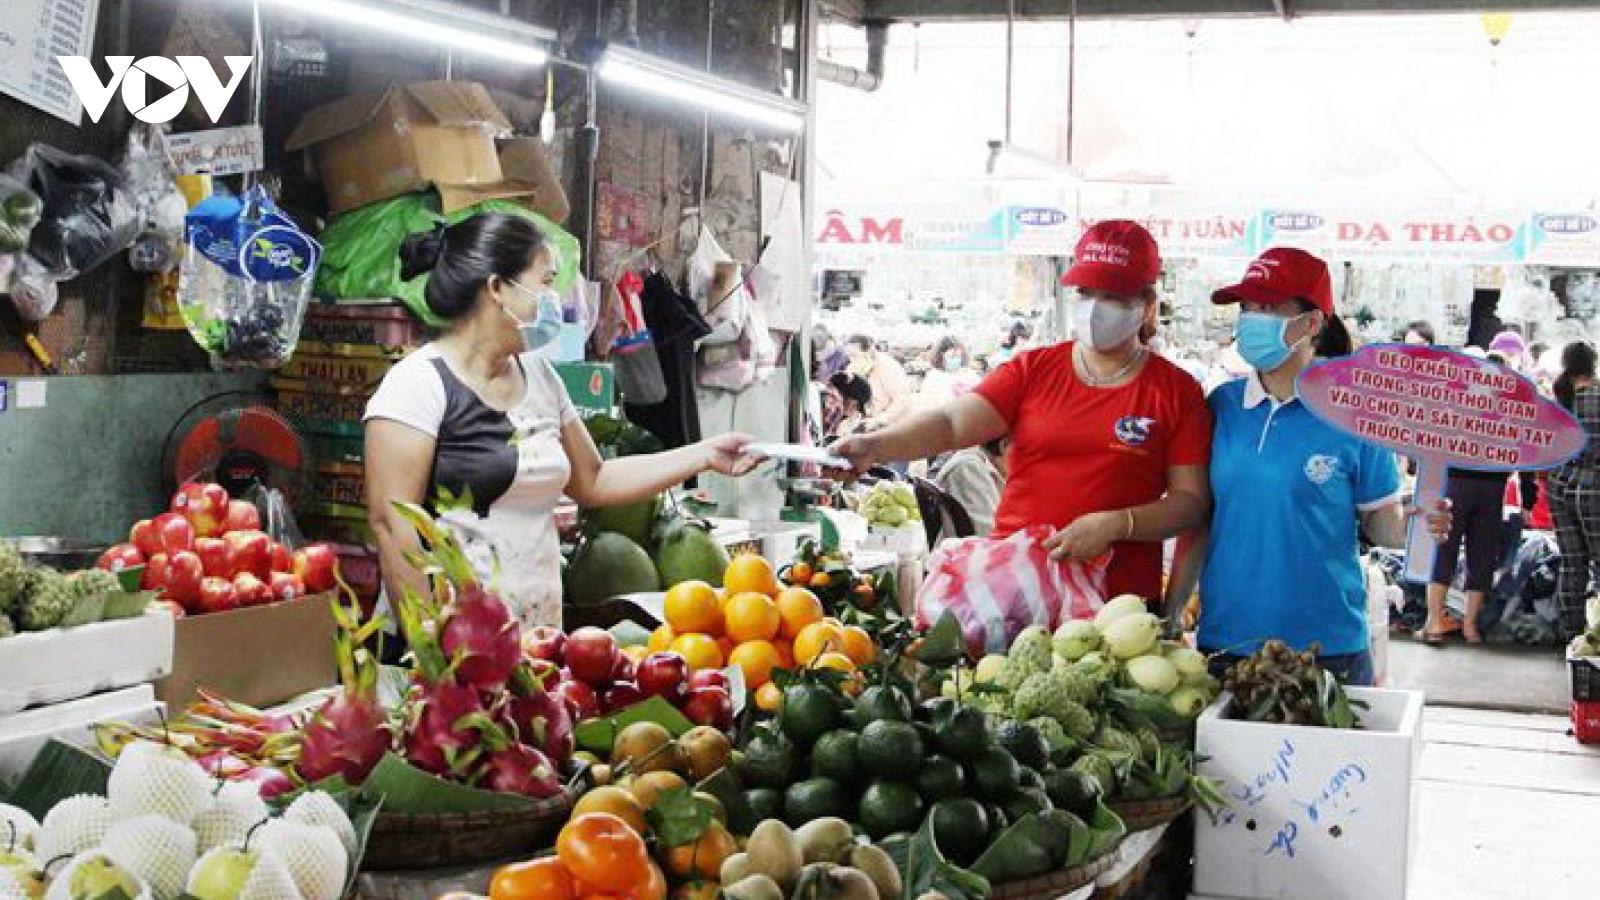 Đà Nẵng tăng cường phòng chống dịch Covid-19 tại các chợ, siêu thị